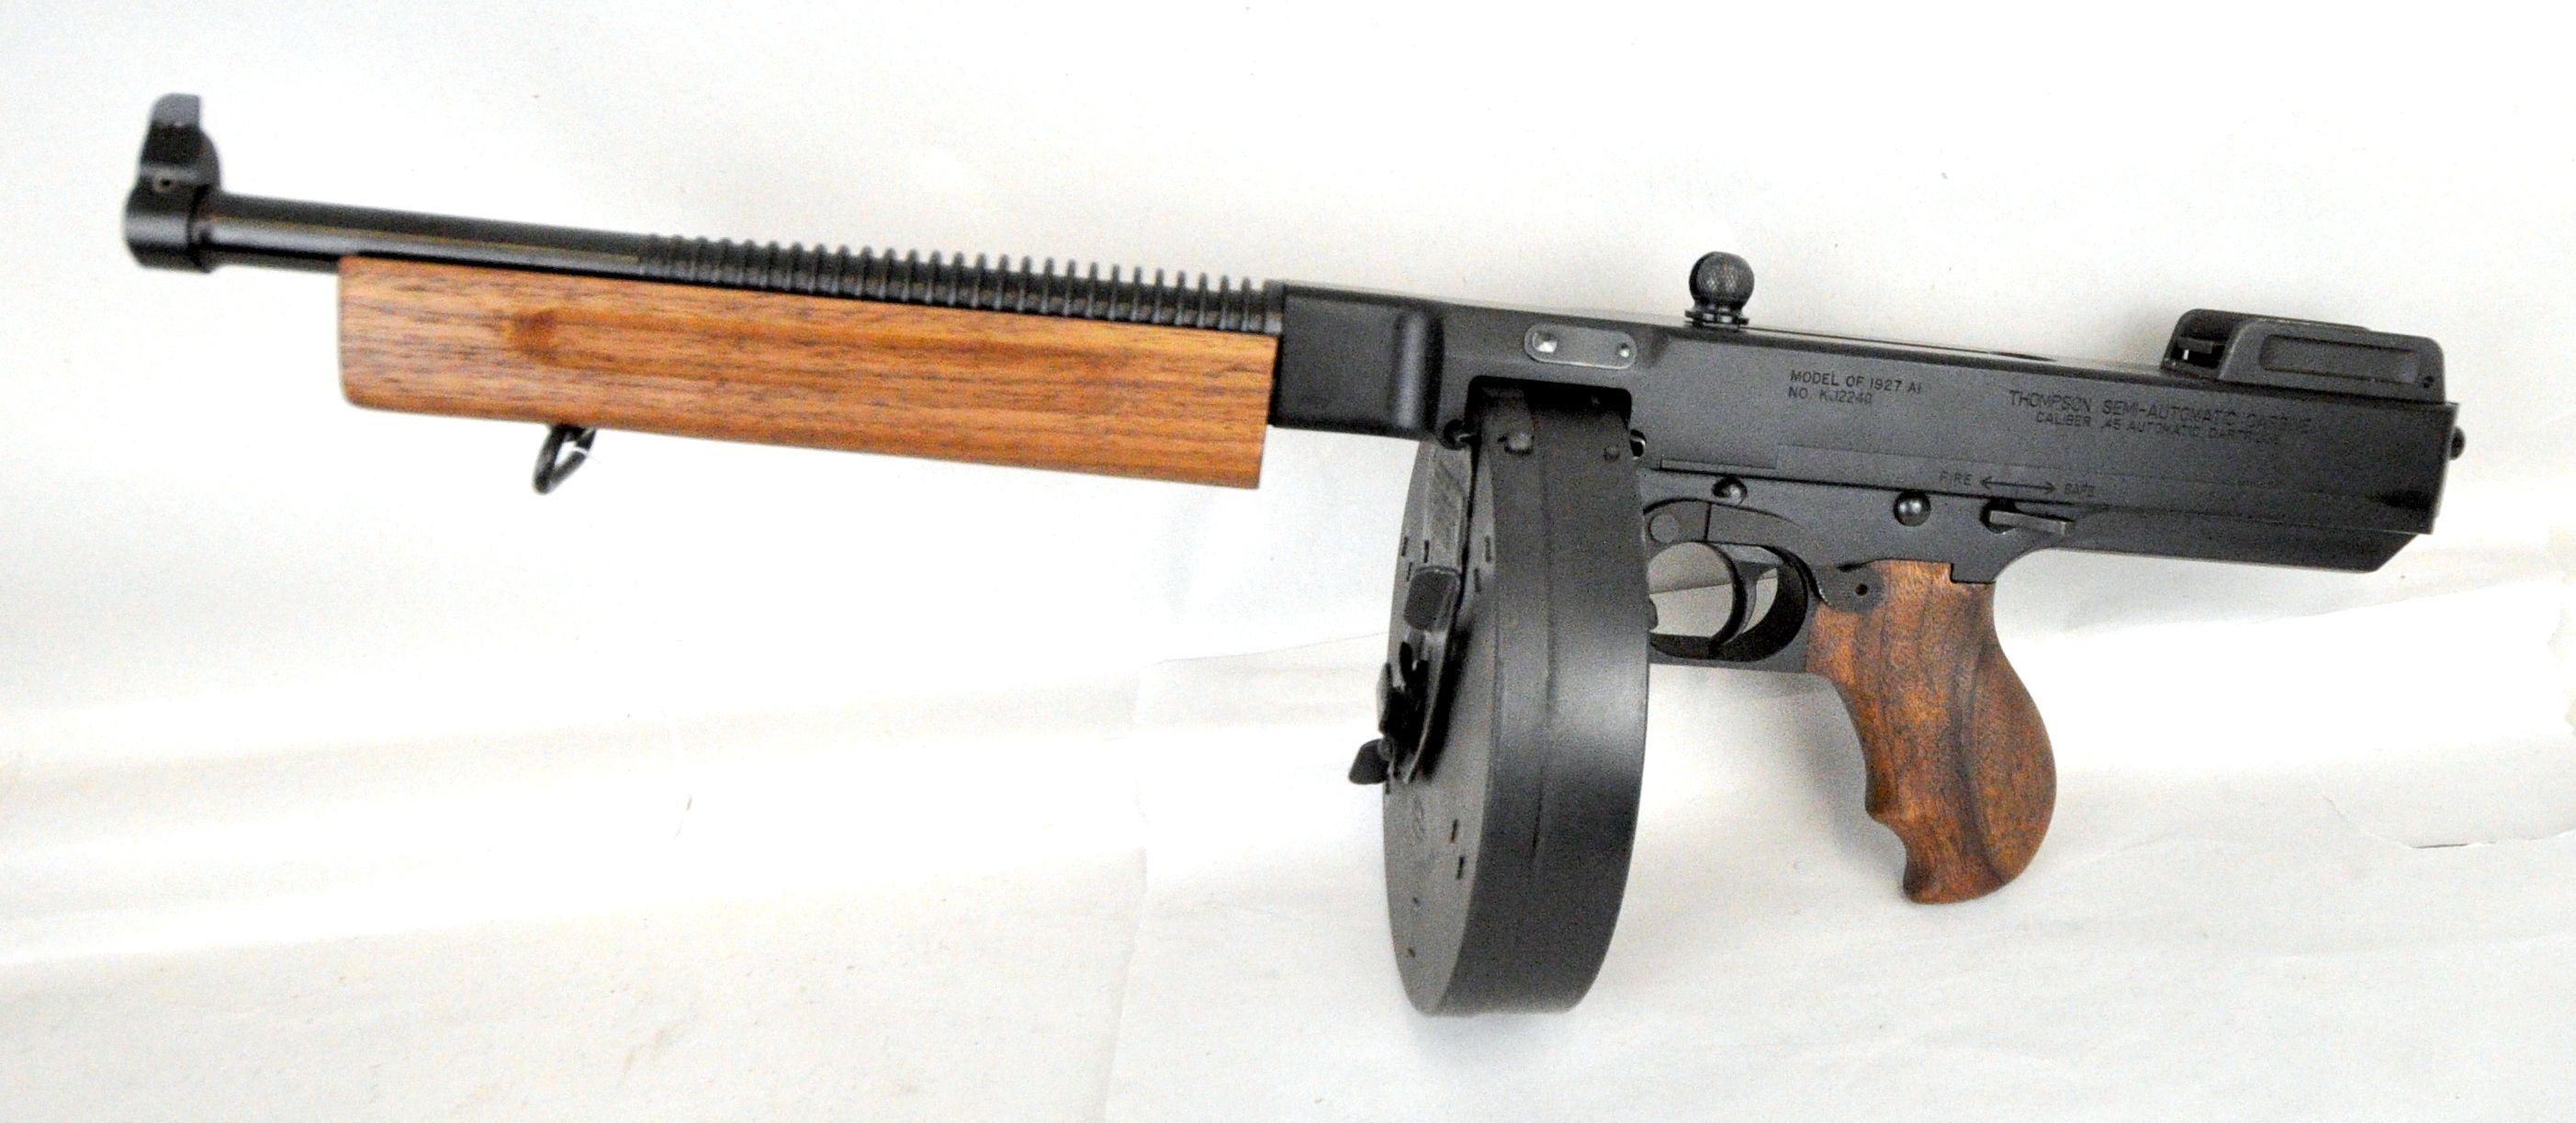 Auto Ordnance Thompson Lightweight Deluxe Pistol  The